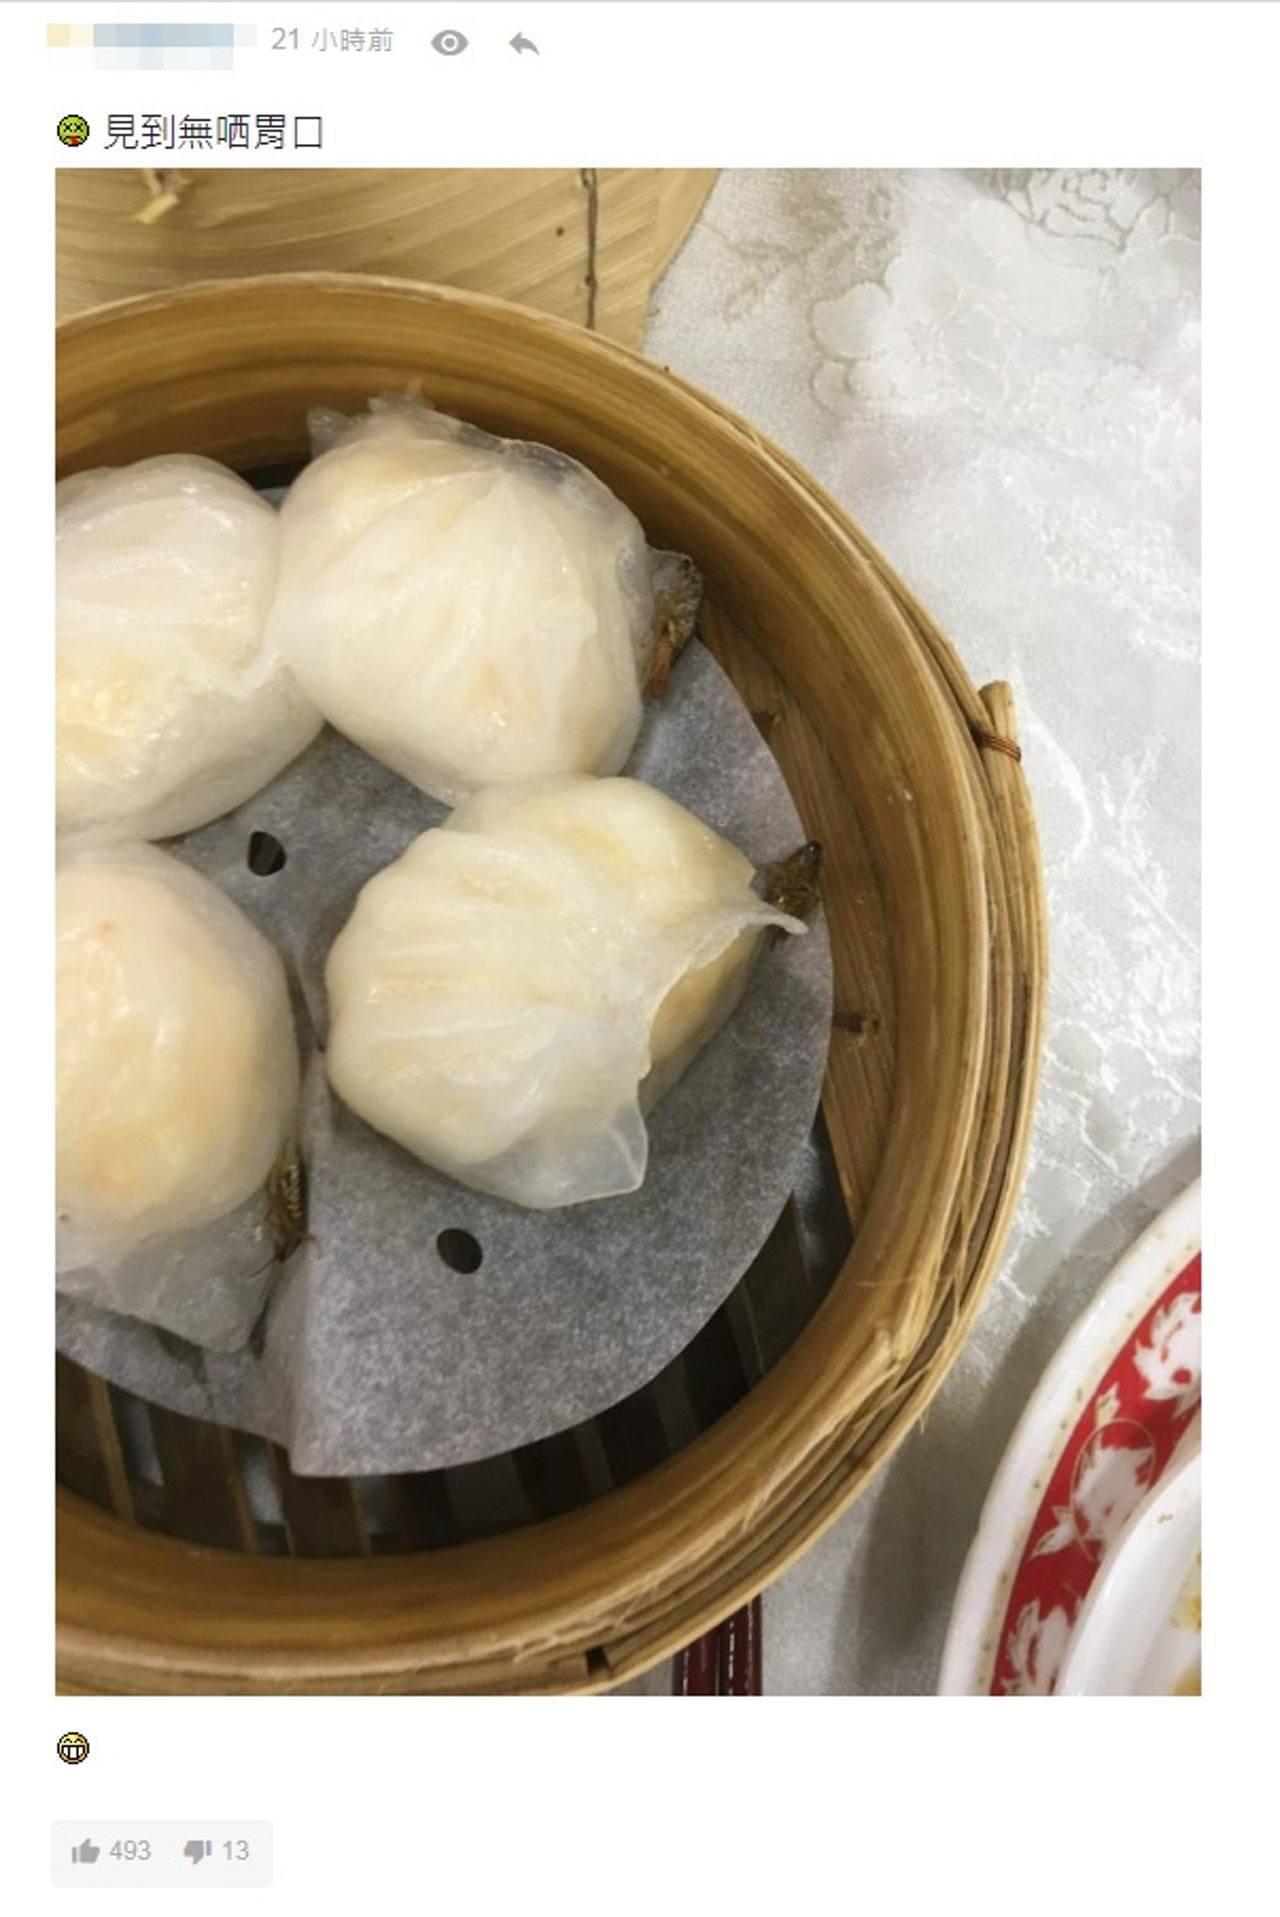 網友於香港「LIHKG討論區」發文,到九龍城一間酒樓吃飯時,發現一籠蝦餃中竟藏了...